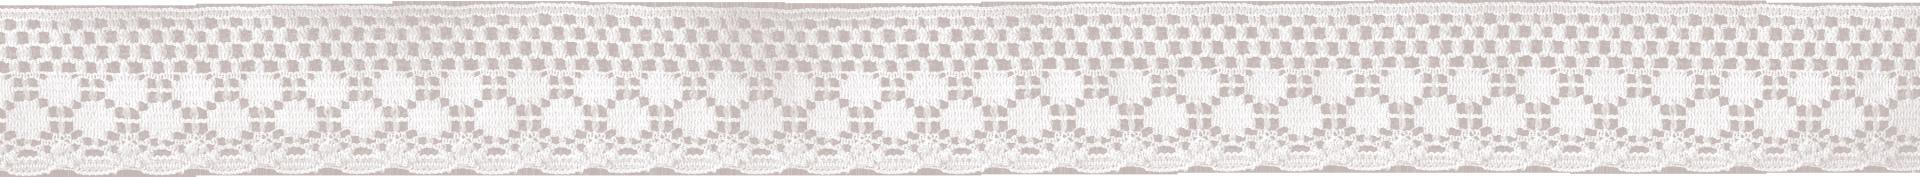 Pin By Loli On Scrapbrooking Pinterest Lace